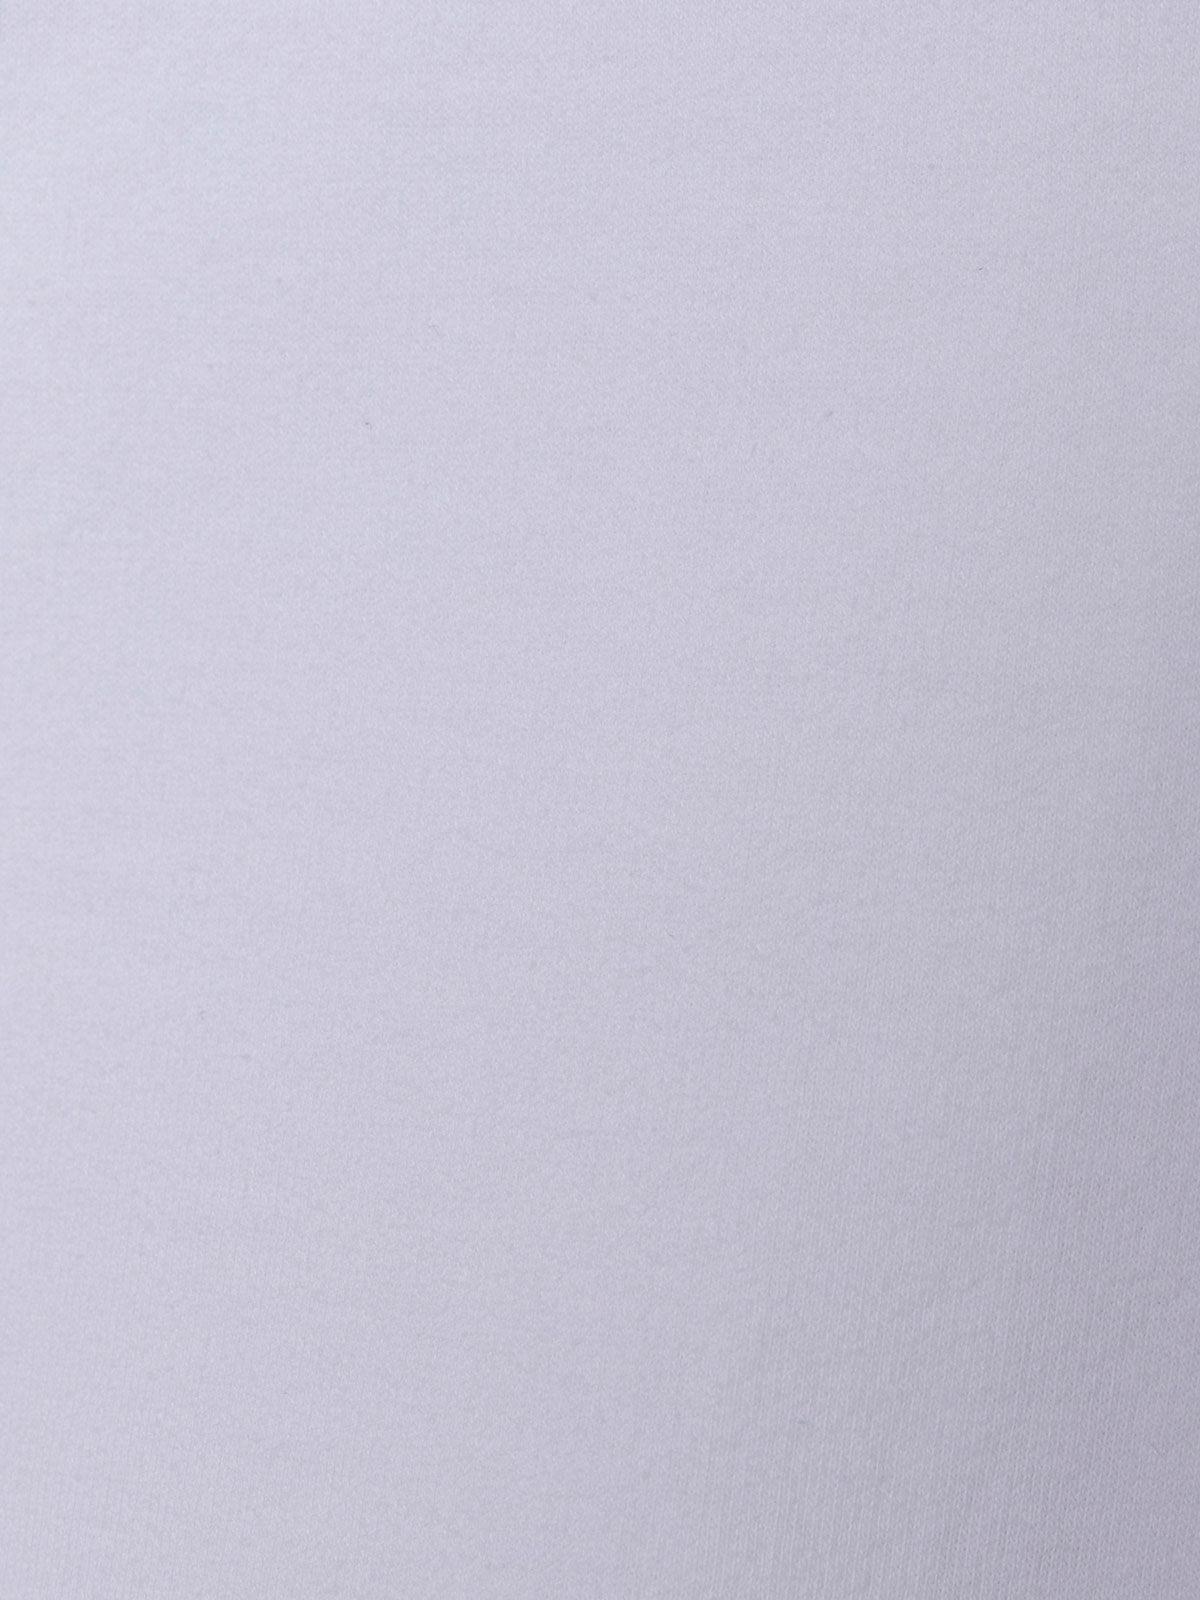 Sudadera mujer bolsillos detalle ajustable en bajo Blanco